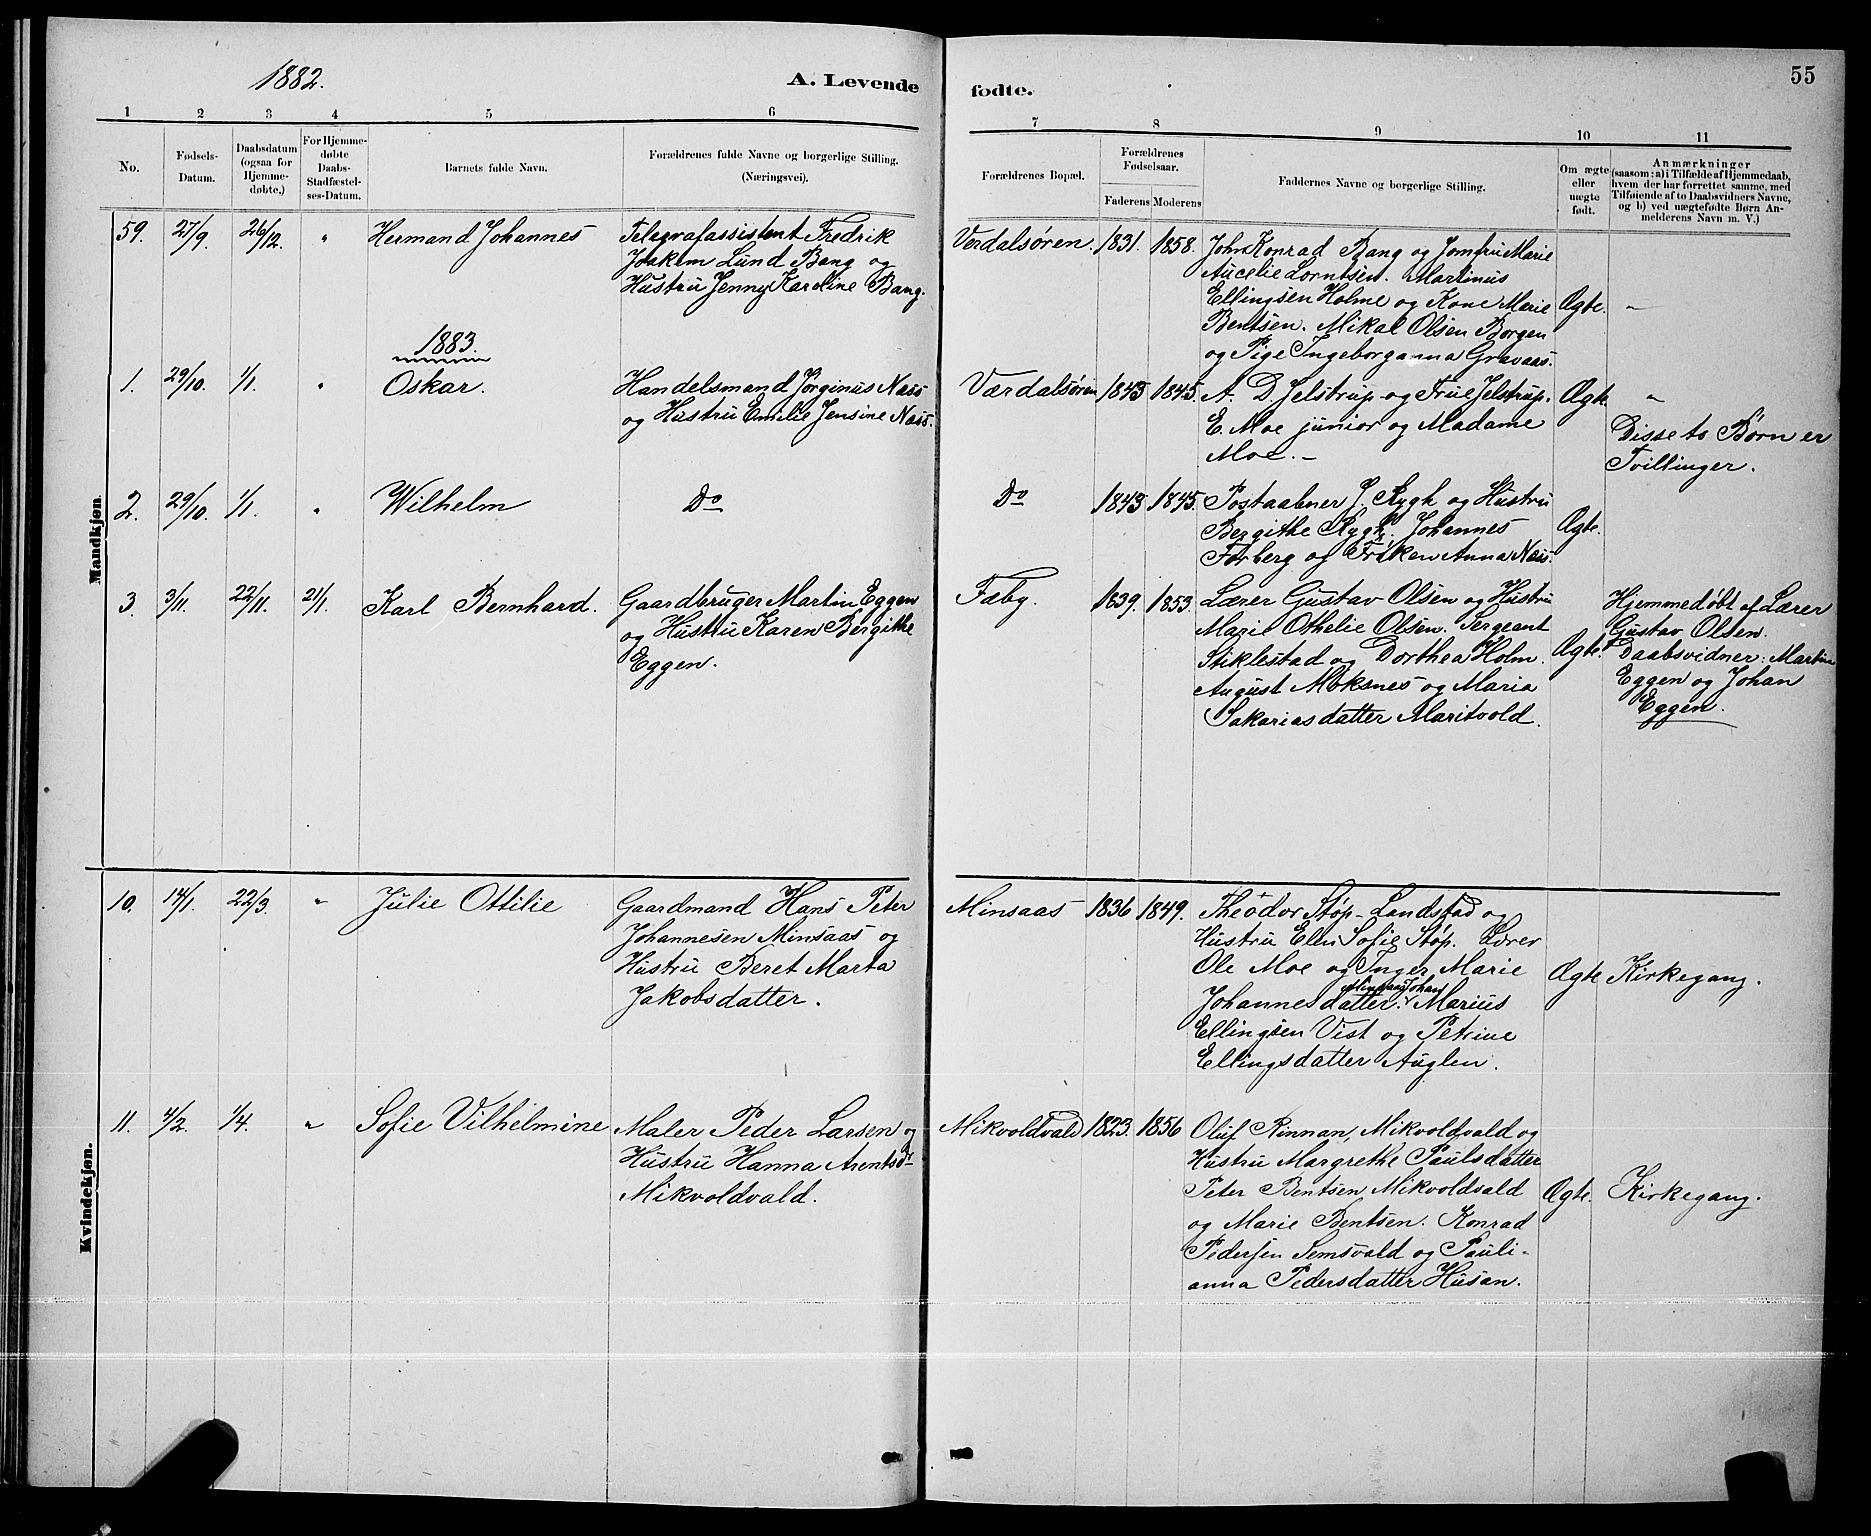 SAT, Ministerialprotokoller, klokkerbøker og fødselsregistre - Nord-Trøndelag, 723/L0256: Klokkerbok nr. 723C04, 1879-1890, s. 55